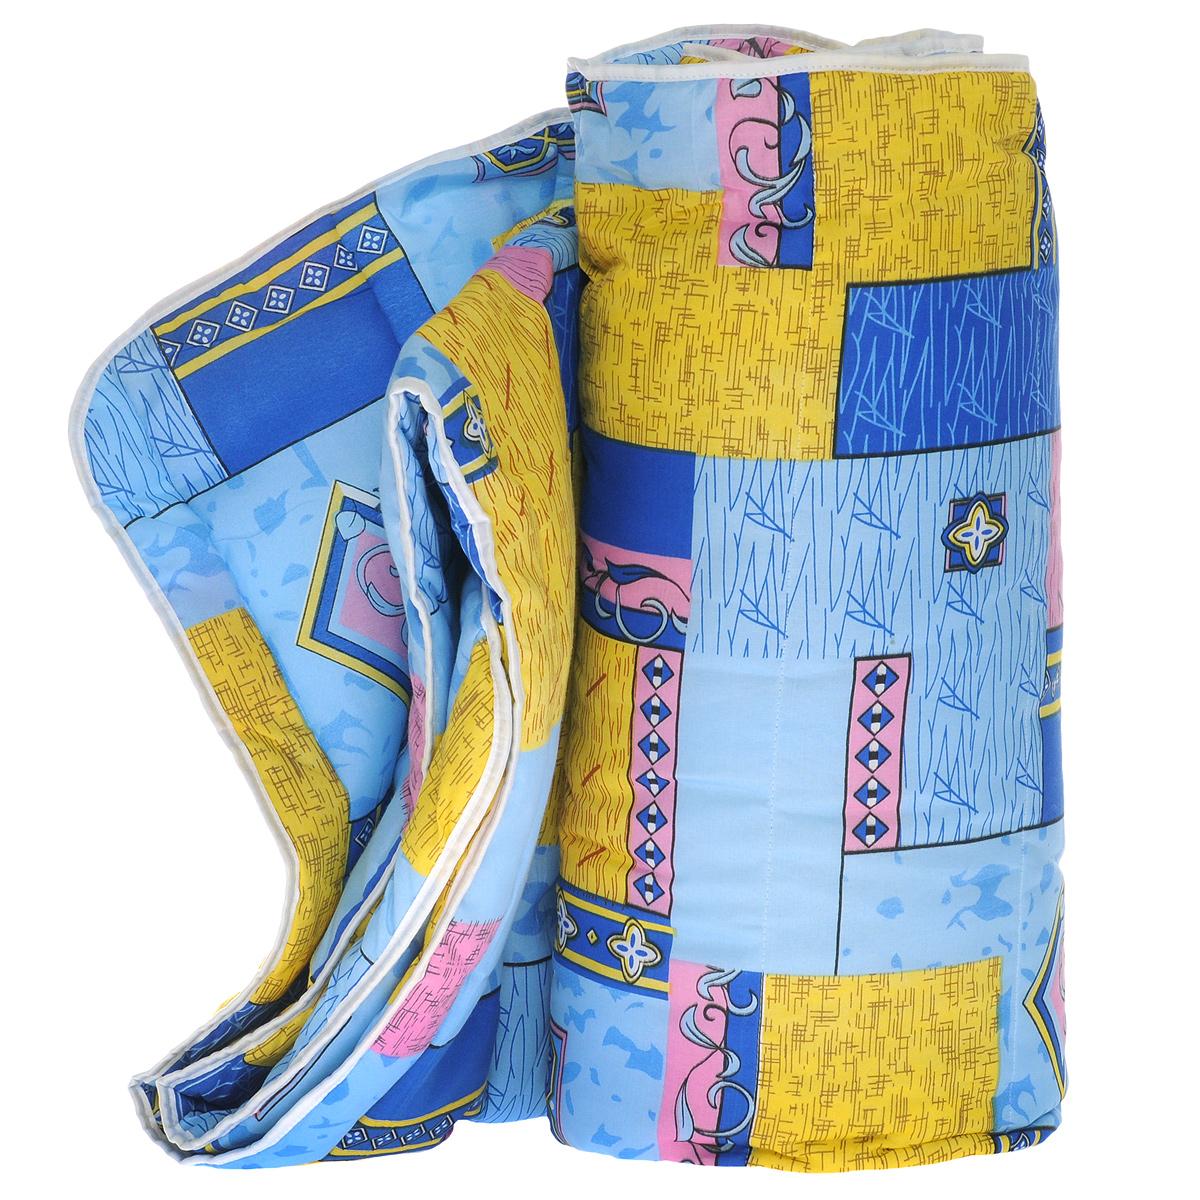 Одеяло облегченное OL-Tex Miotex, наполнитель: полиэфирное волокно Holfiteks, 220 х 200 см, в ассортиментеМХПЭ-22-2Облегченное одеяло OL-Tex Miotex создаст комфорт и уют во время сна. Чехол выполнен из полиэстера и оформлен красочным рисунком. Внутри - современный наполнитель из полиэфирного высокосиликонизированного волокна Holfiteks, упругий и качественный. Прекрасно держит тепло. Одеяло с наполнителем Holfiteks легкое и комфортное. Даже после многократных стирок не теряет свою форму, наполнитель не сбивается, так как одеяло простегано и окантовано. Не вызывает аллергии. Holfiteks - это возможность легко ухаживать за своими постельными принадлежностями. Можно стирать в машинке, изделия быстро и полностью высыхают - это обеспечивает гигиену спального места при невысокой цене на продукцию. Рекомендации по уходу: - Ручная и машинная стирка при температуре 30°С. - Не гладить. - Не отбеливать. - Нельзя отжимать и сушить в стиральной машине. - Сушить вертикально.